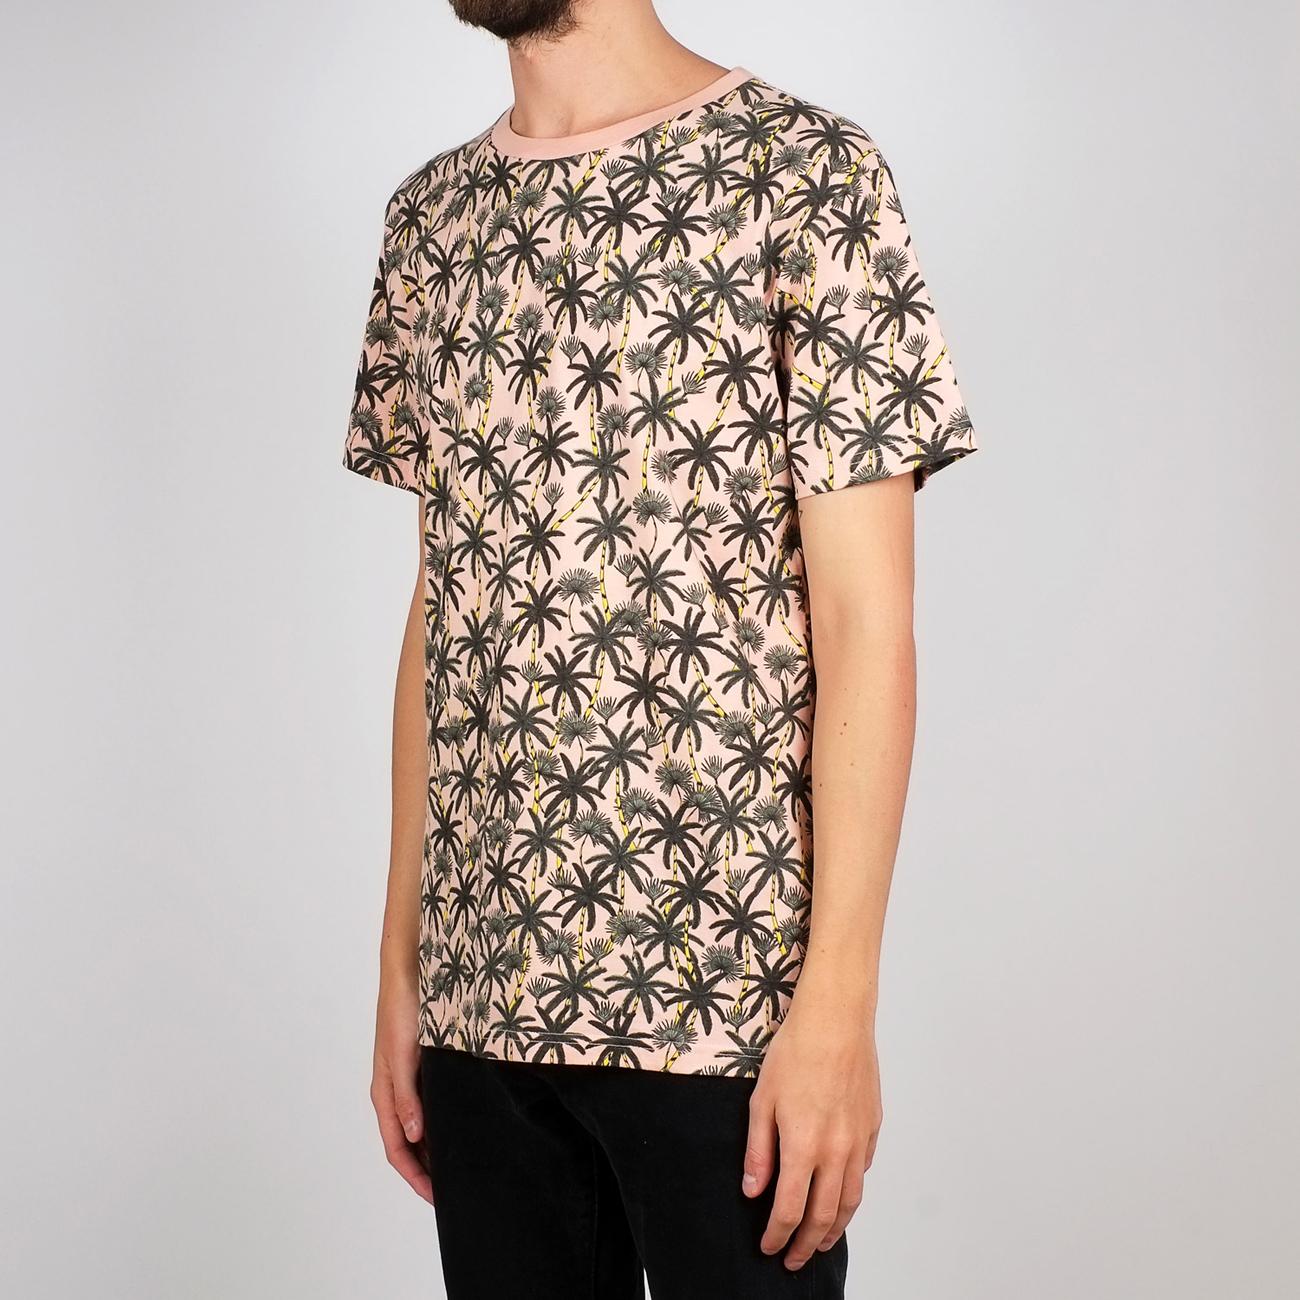 T-shirt Stockholm Beach Palms Mellow Pink